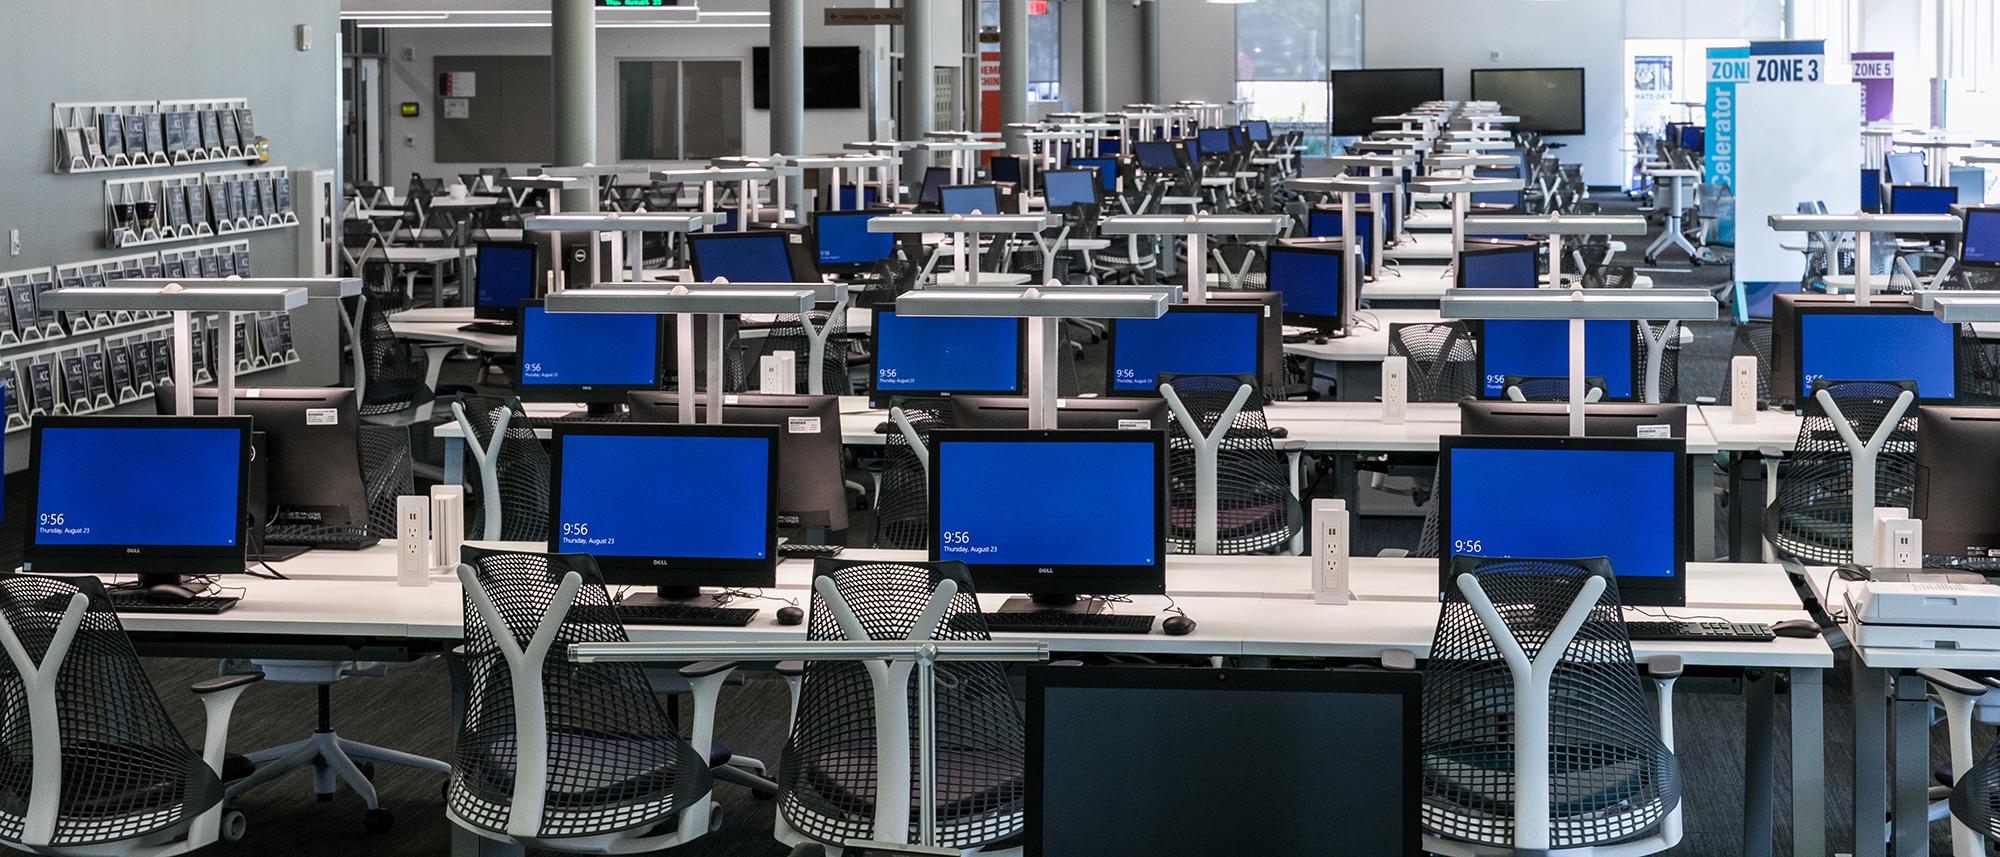 Rows of computer monitors